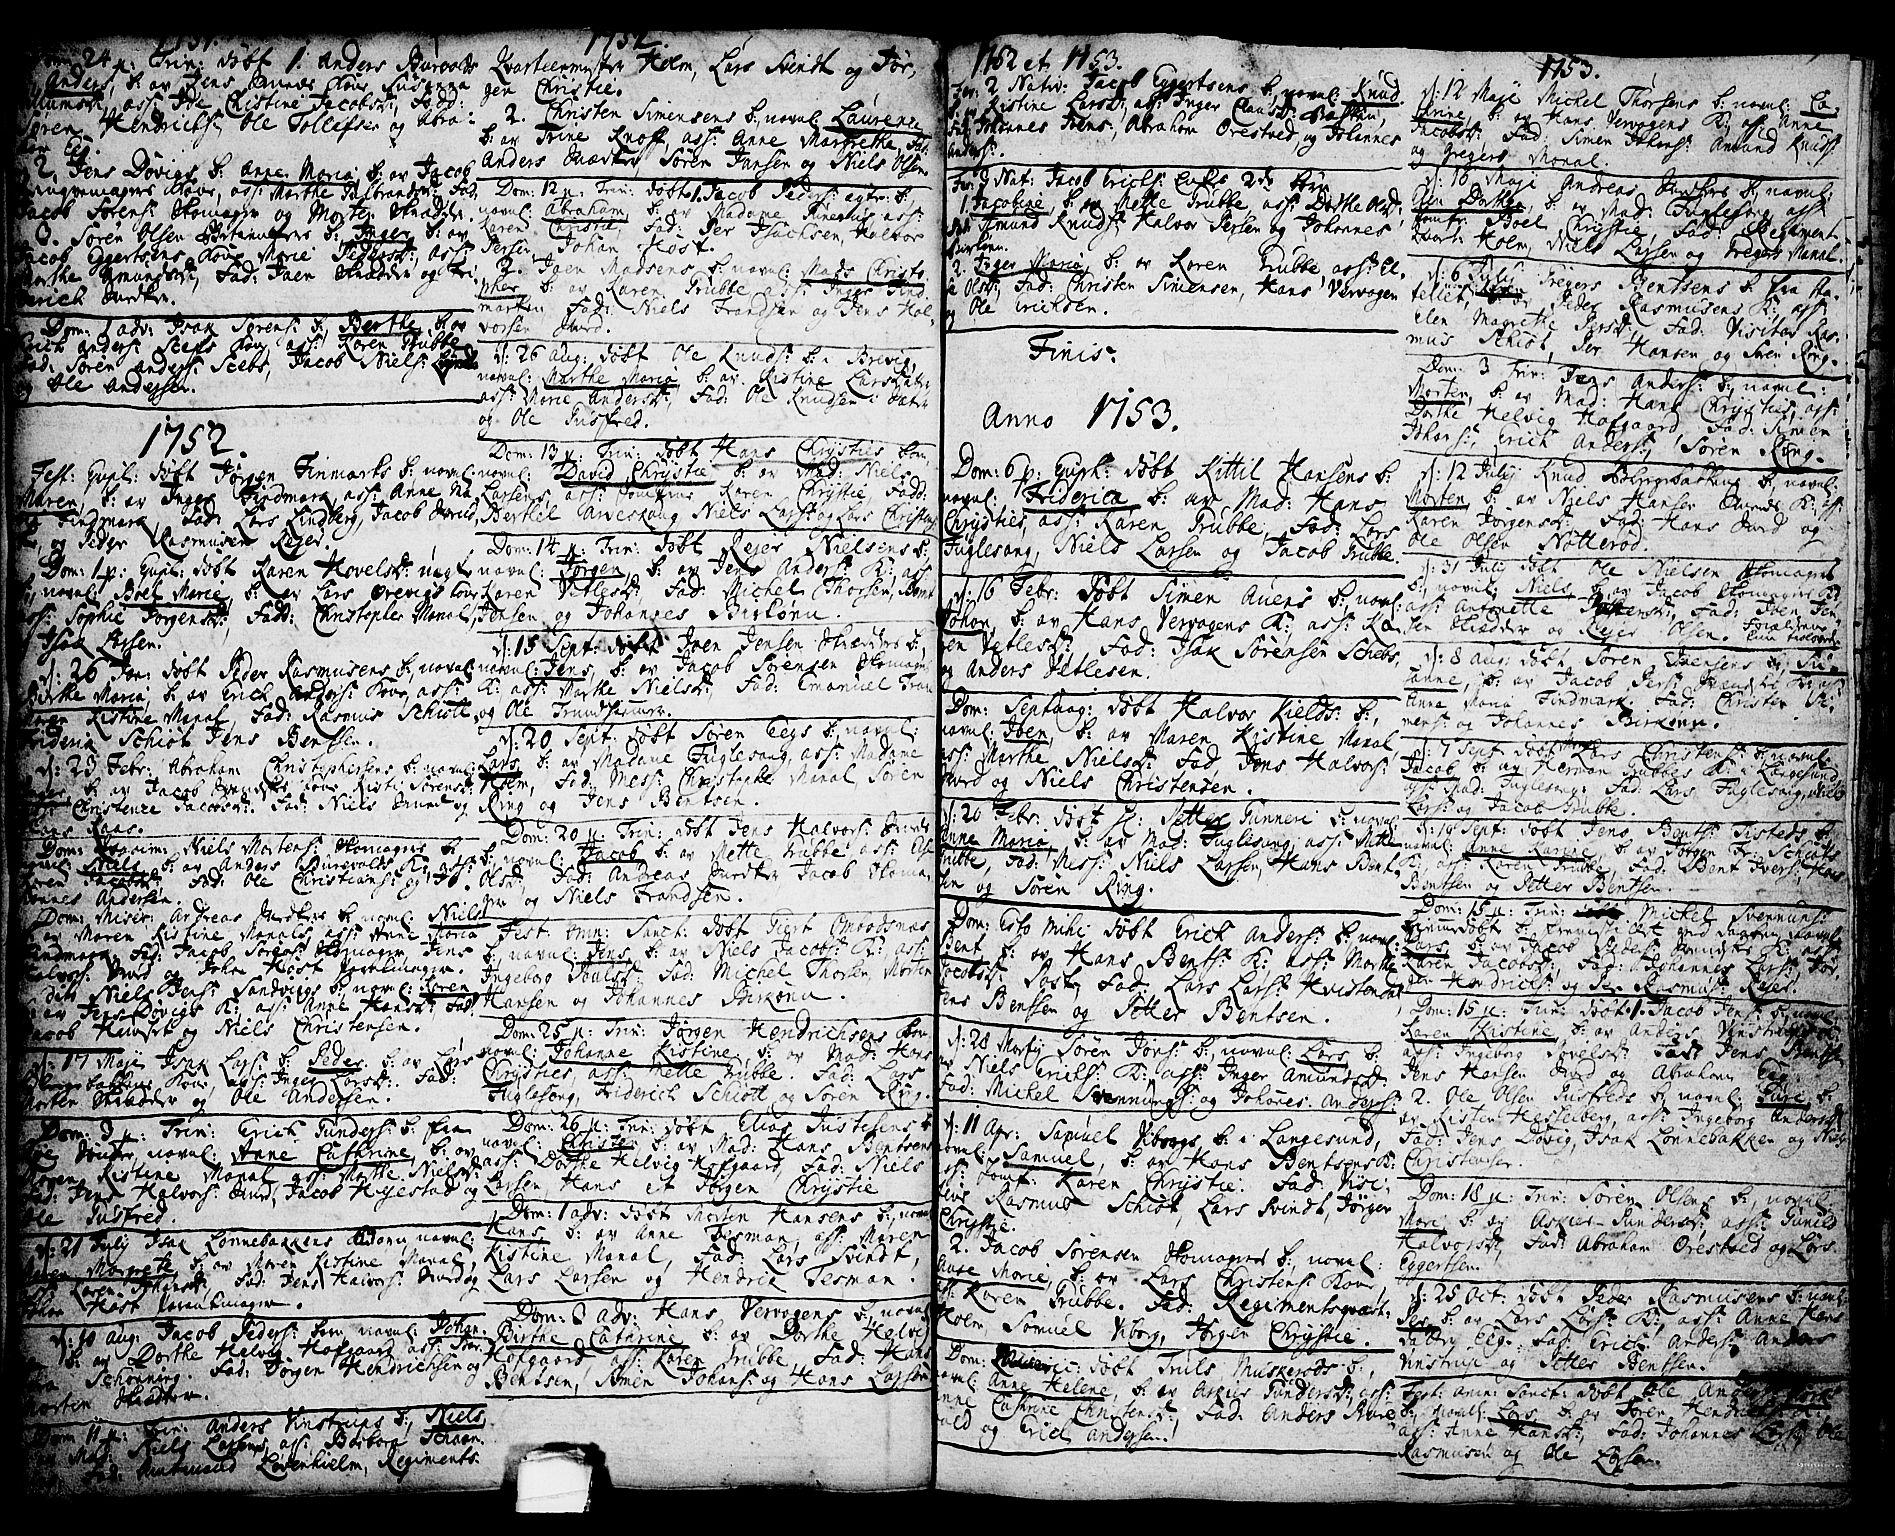 SAKO, Brevik kirkebøker, F/Fa/L0002: Ministerialbok nr. 2, 1720-1764, s. 35b